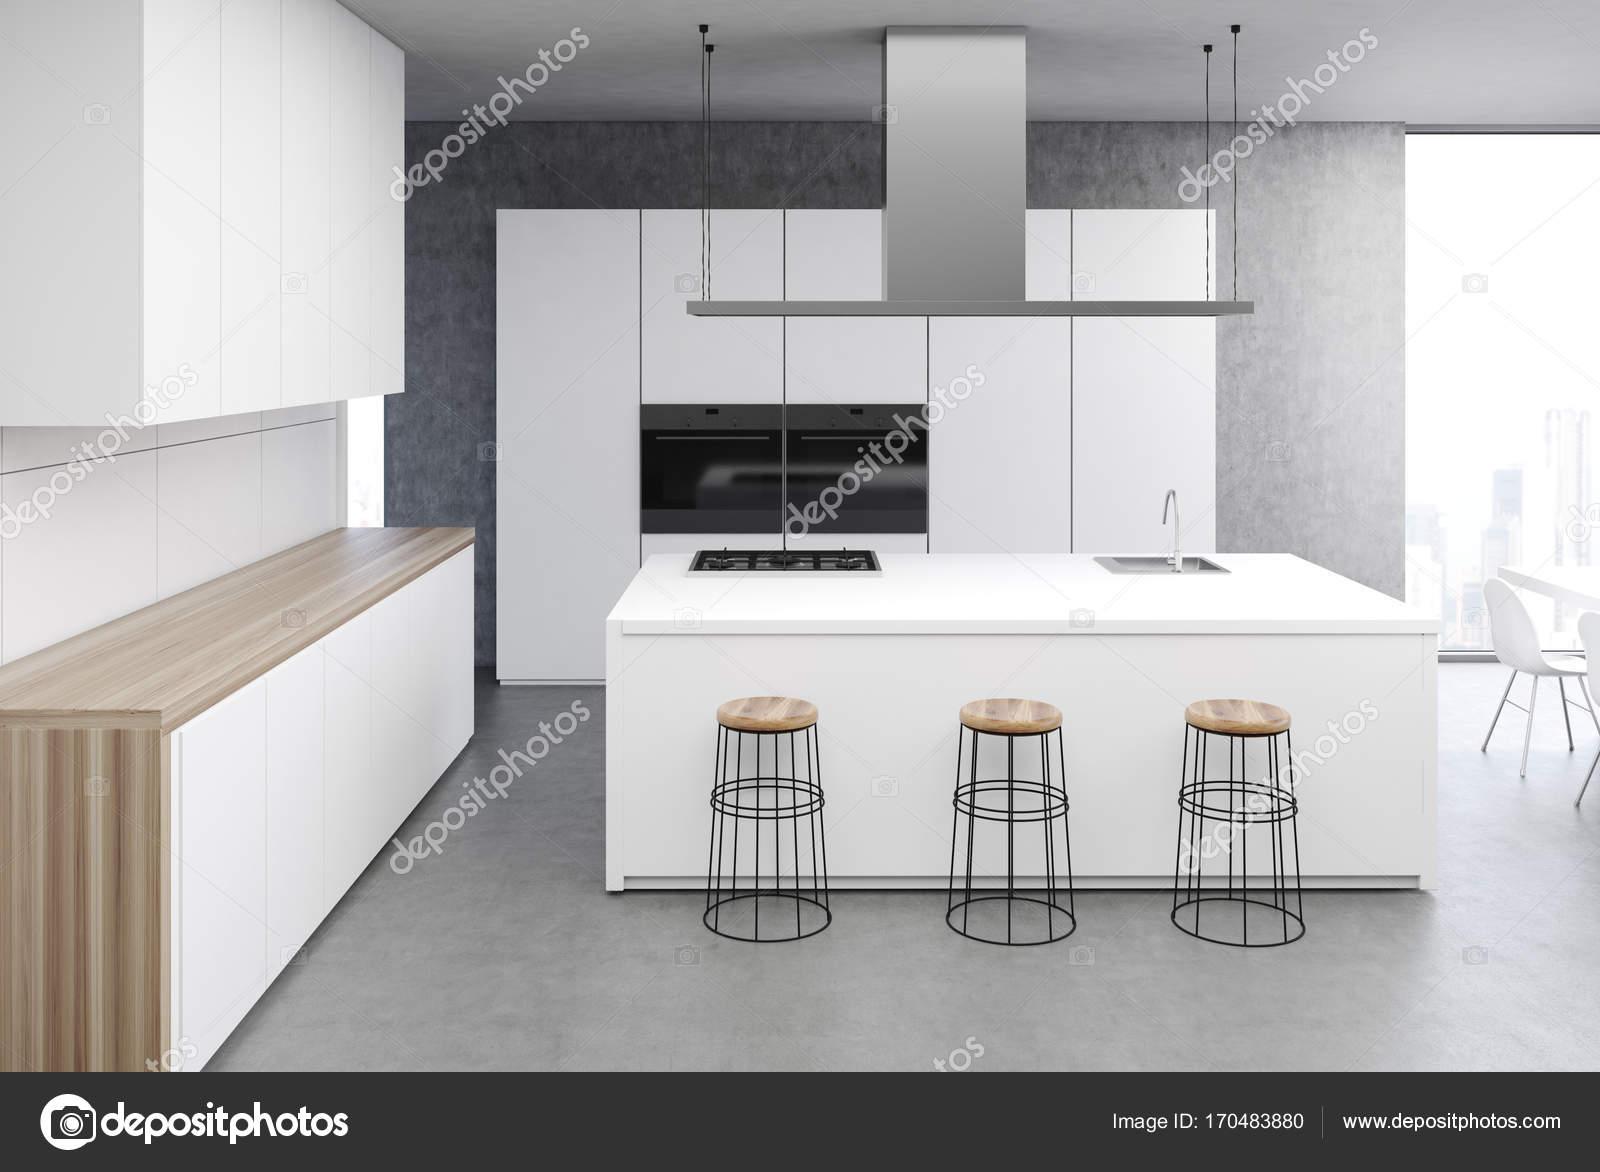 Biała Kuchnia Stół Szary Z Bliska Zdjęcie Stockowe